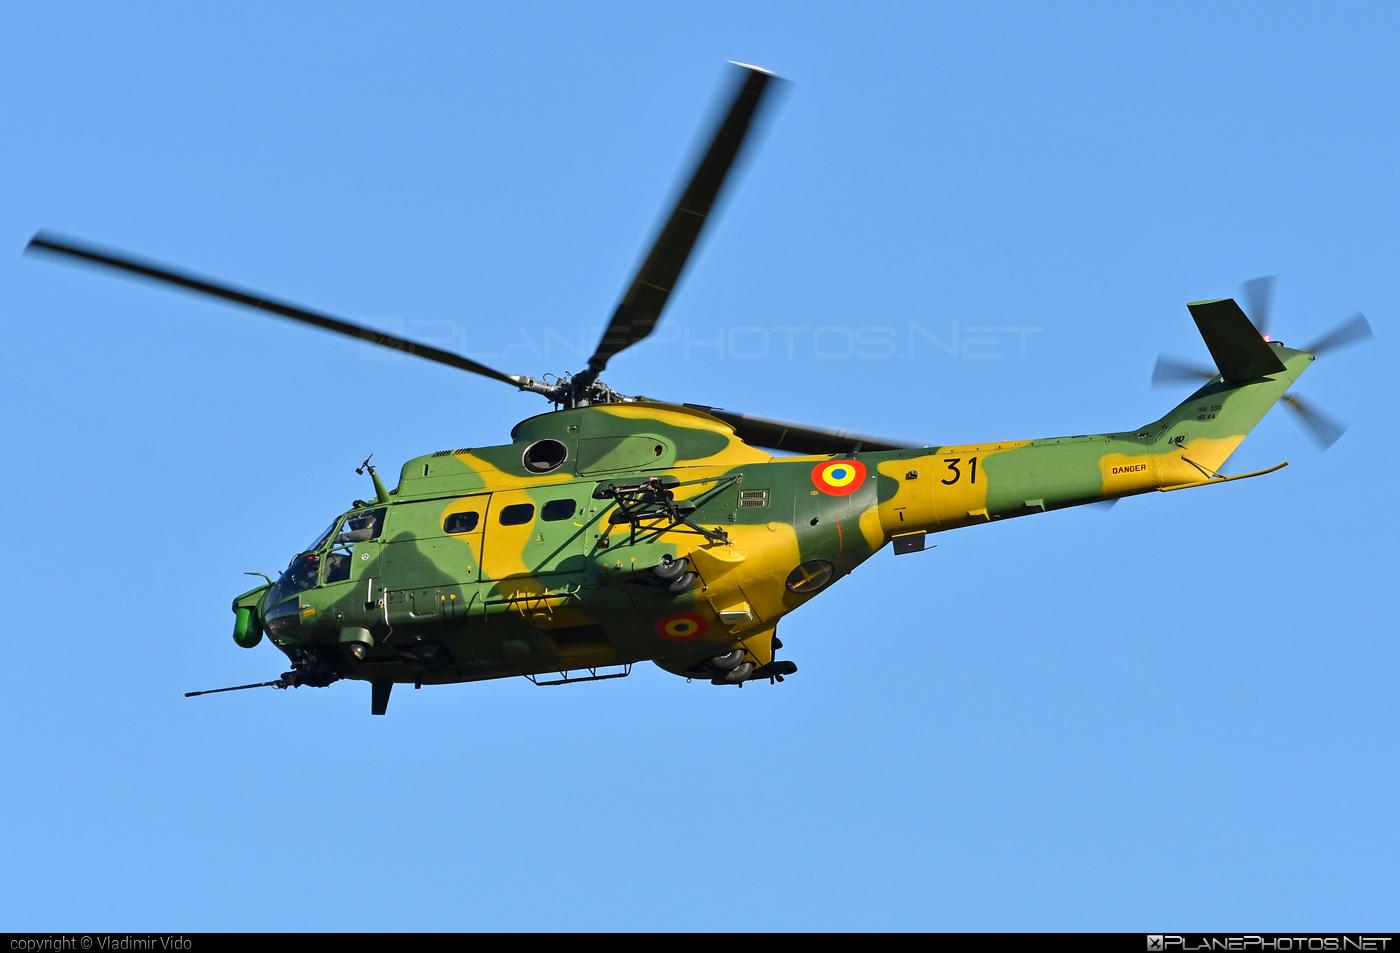 IAR IAR-330L Puma SOCAT - 31 operated by Forţele Aeriene Române (Romanian Air Force) #forteleaerieneromane #romanianairforce